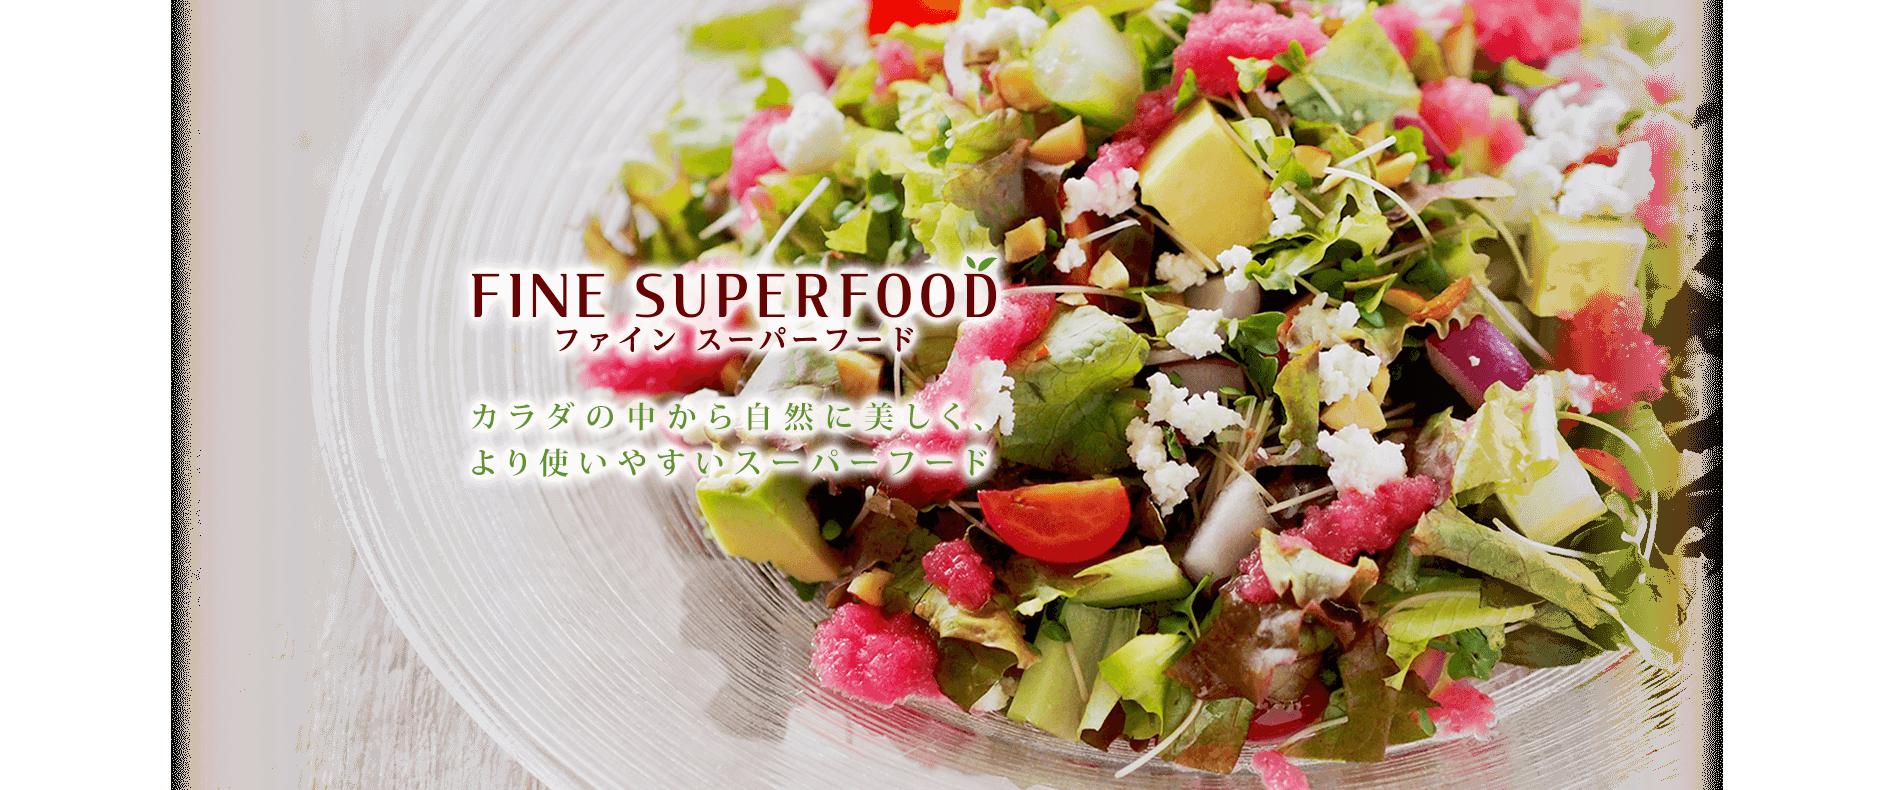 FINE SUPERFOOD カラダの中から自然に美しく、より使いやすいスーパーフード